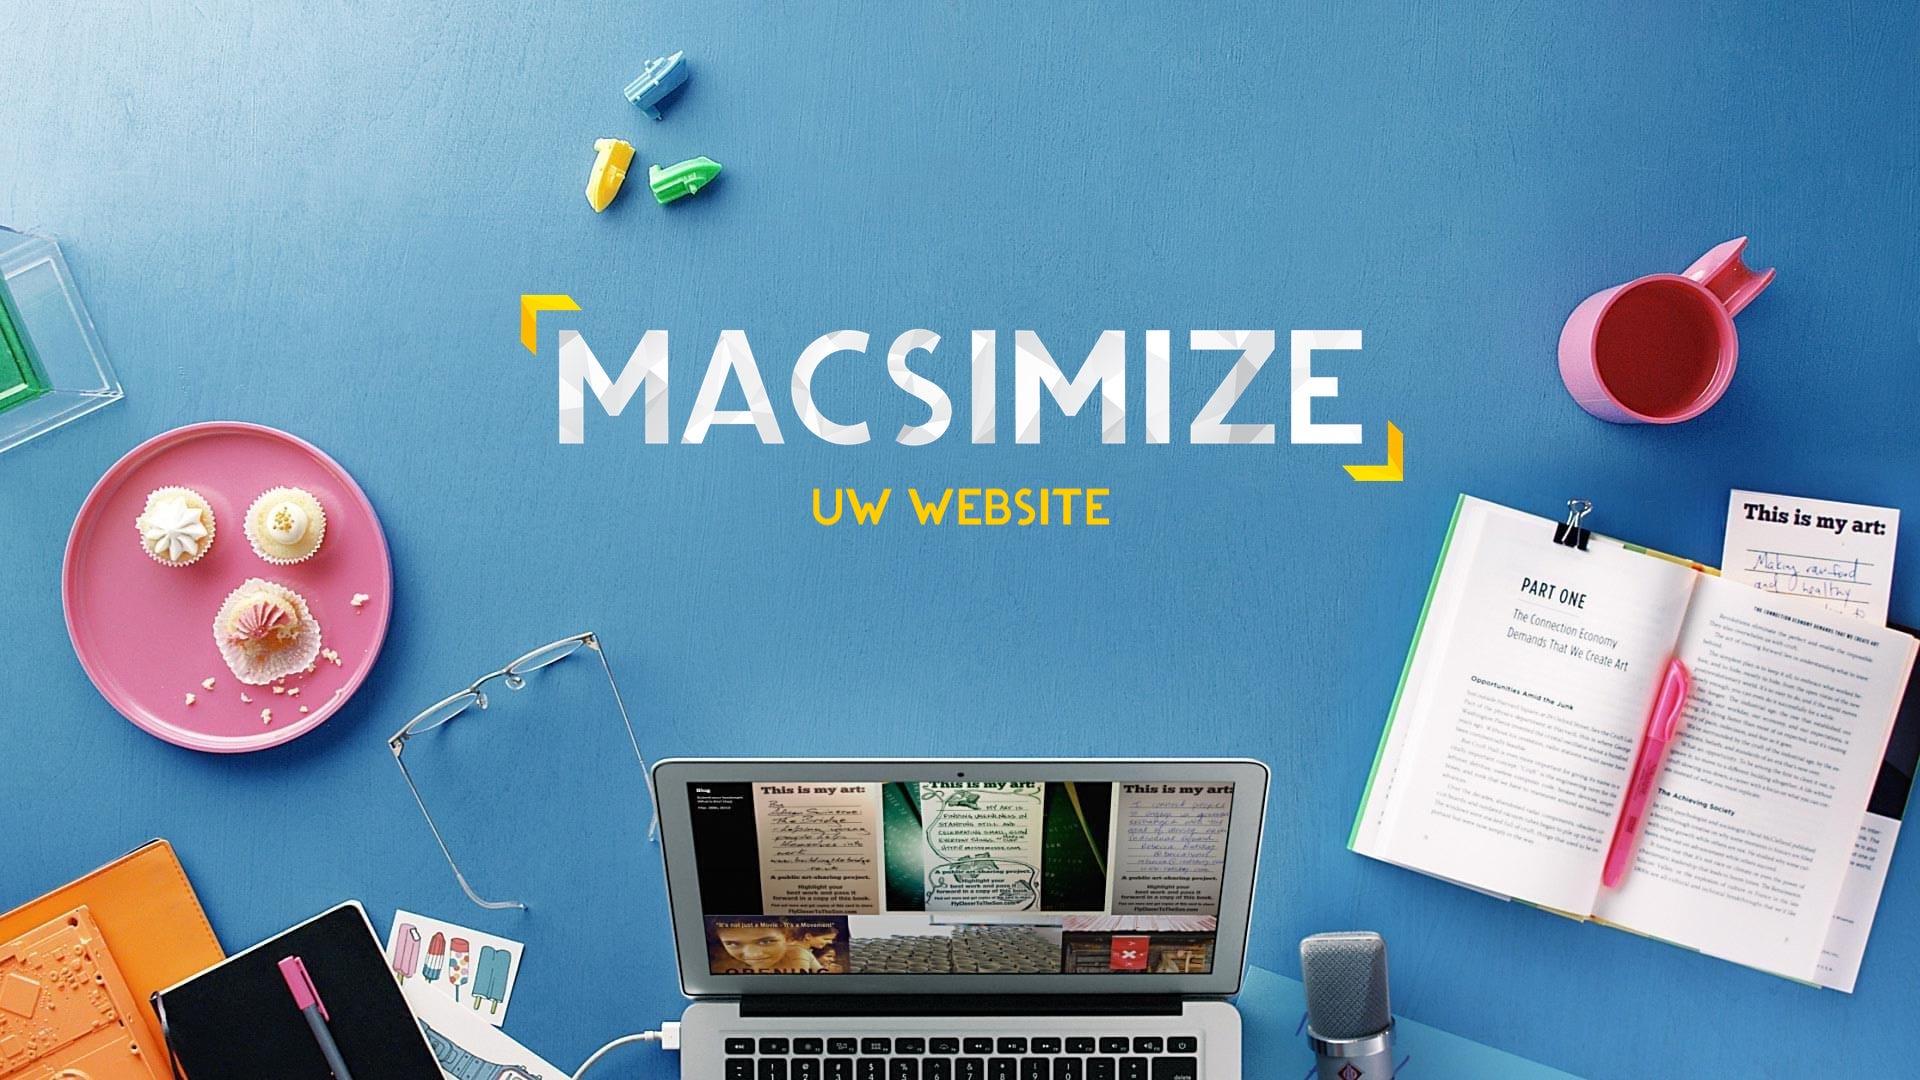 MACSIMIZE uw website - Heeft u nog geen website of is uw huidige dringend aan vernieuwing toe?In de maand augustus krijg je 20% korting.